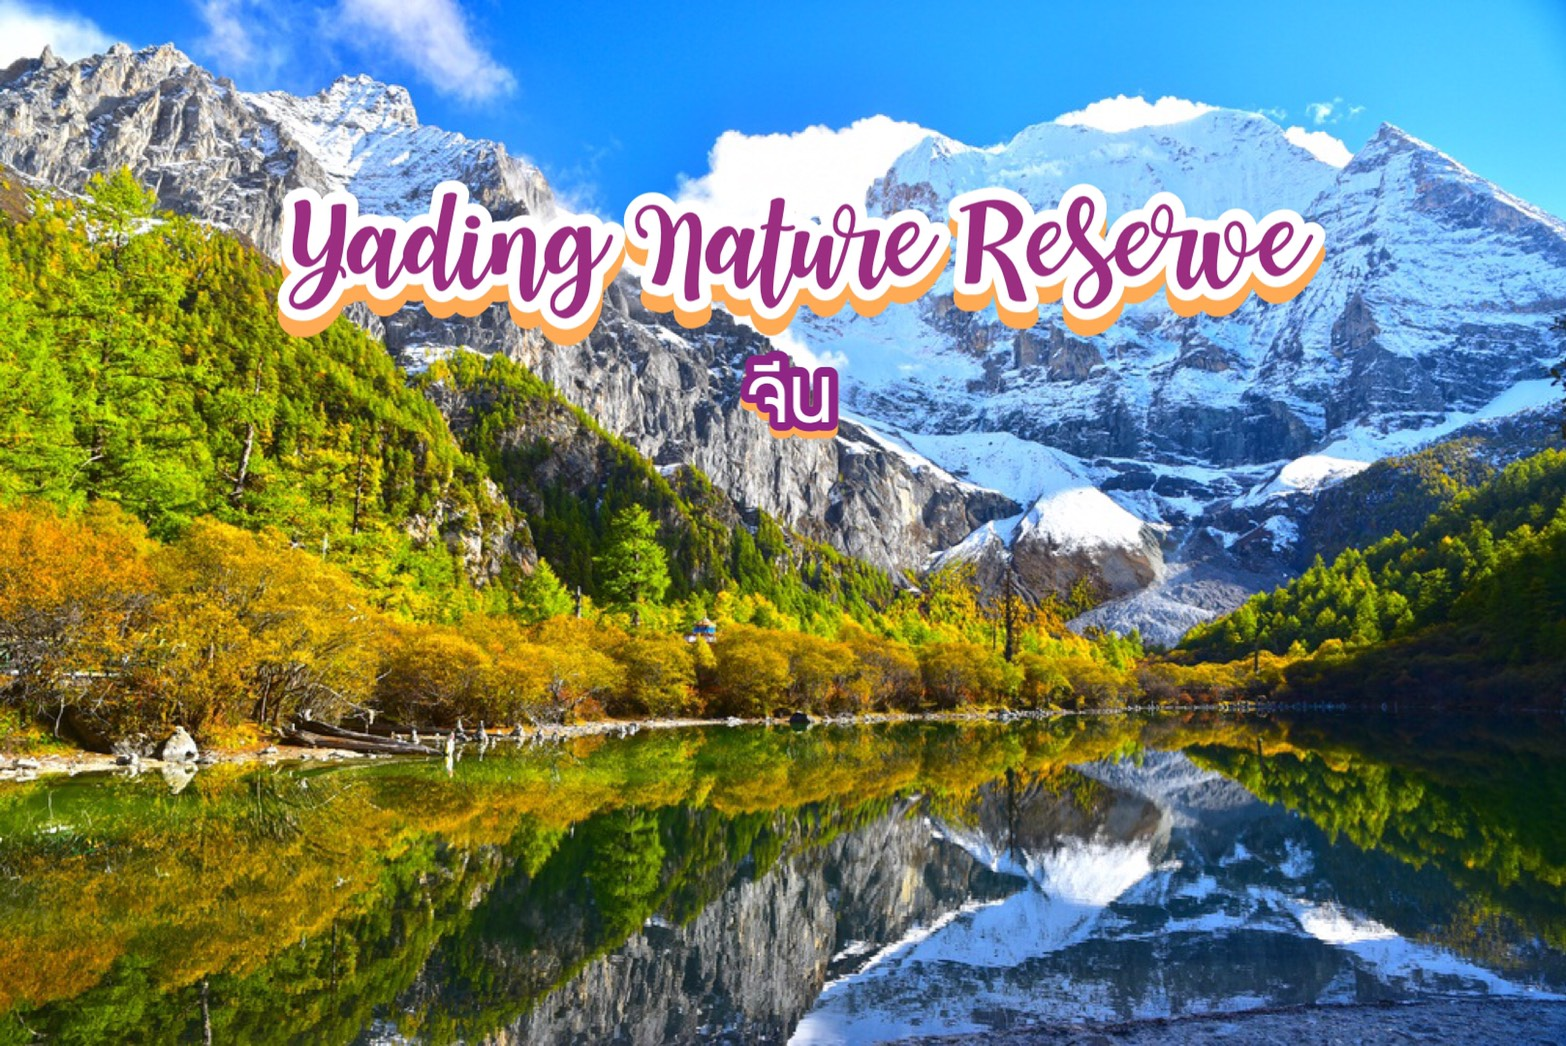 ย่าติง Yading Nature Reserve จีน